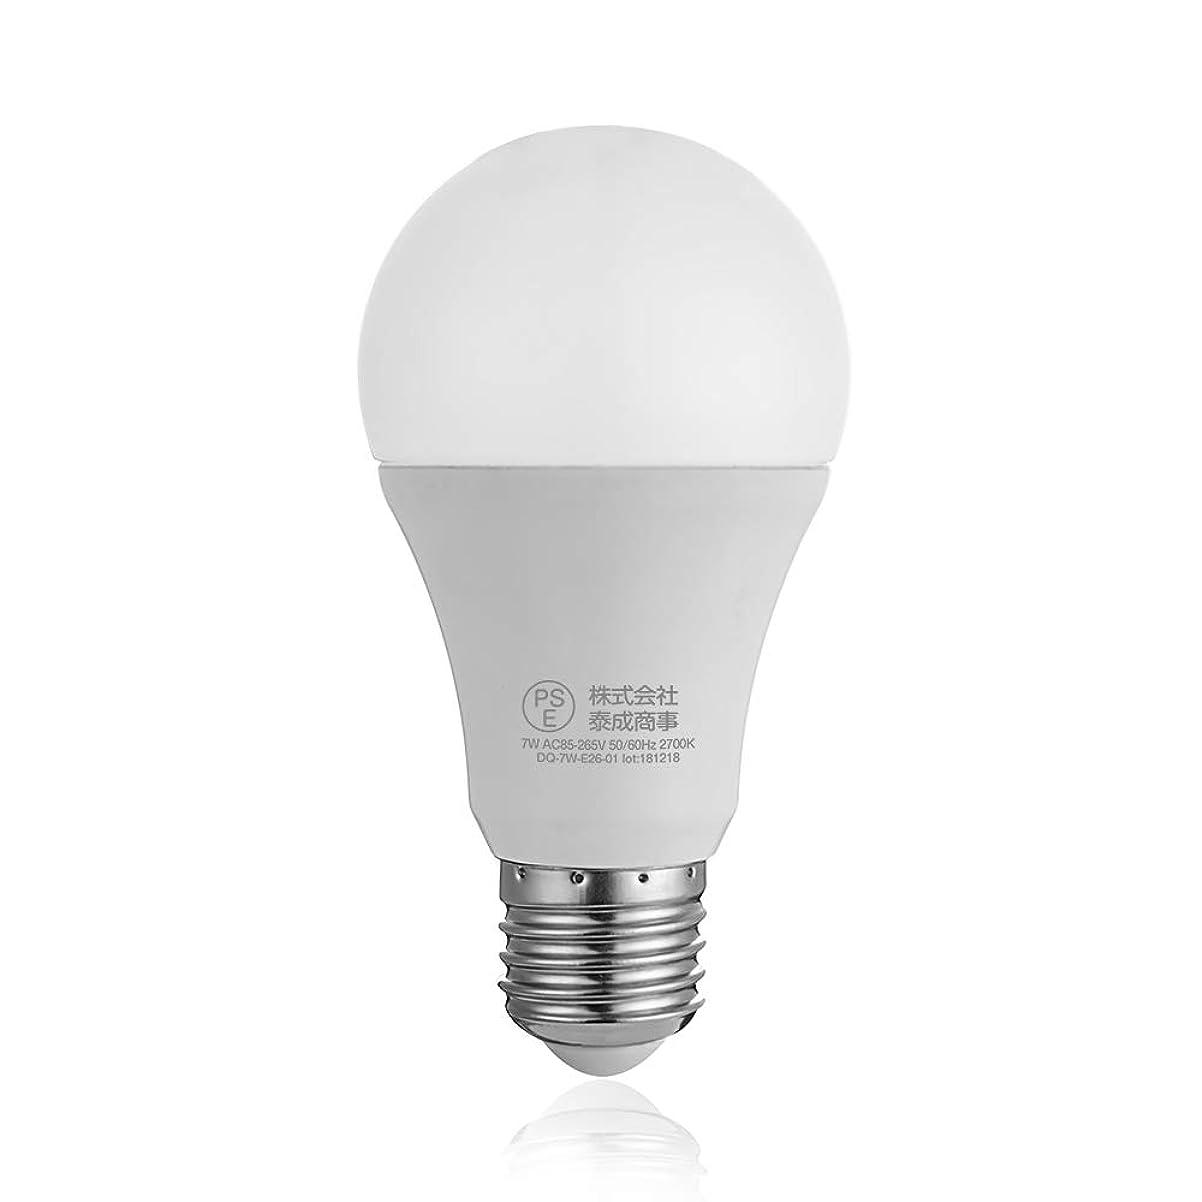 入学するフェデレーション征服するLED 電球 センサー e26 明暗センサーライト 50W形相当 電球色 7w 常夜灯 自動点灯&消灯 光センサー